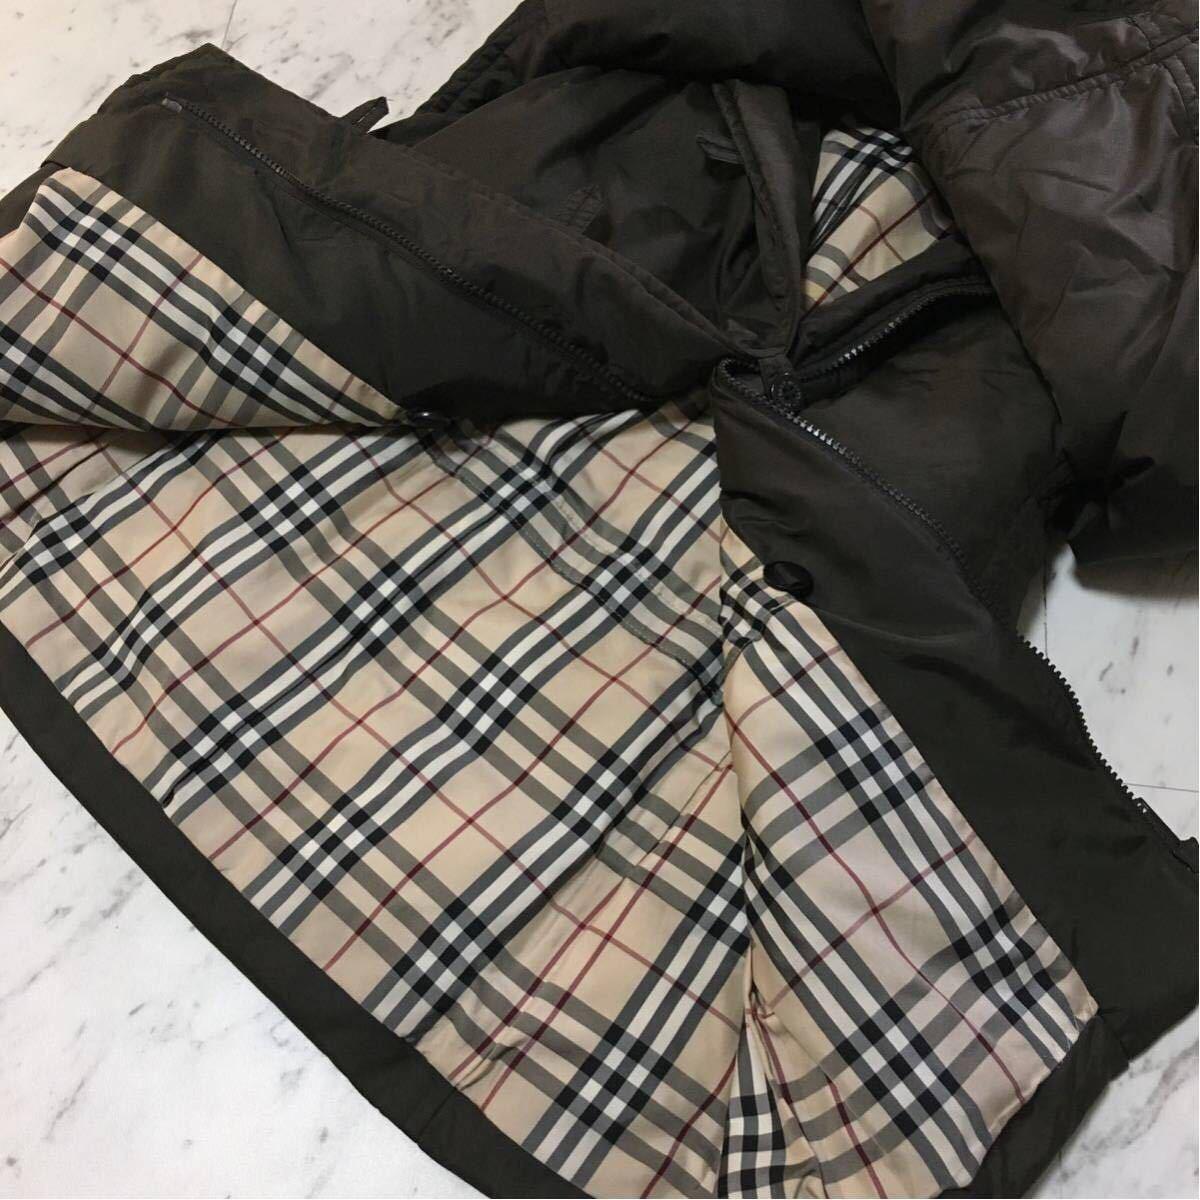 美品BURBERRY10万超【高級ダウン90% 上質ラクーンファ使用】肉厚 ダウンジャケットコート バーバリーロンドン レディース_画像3